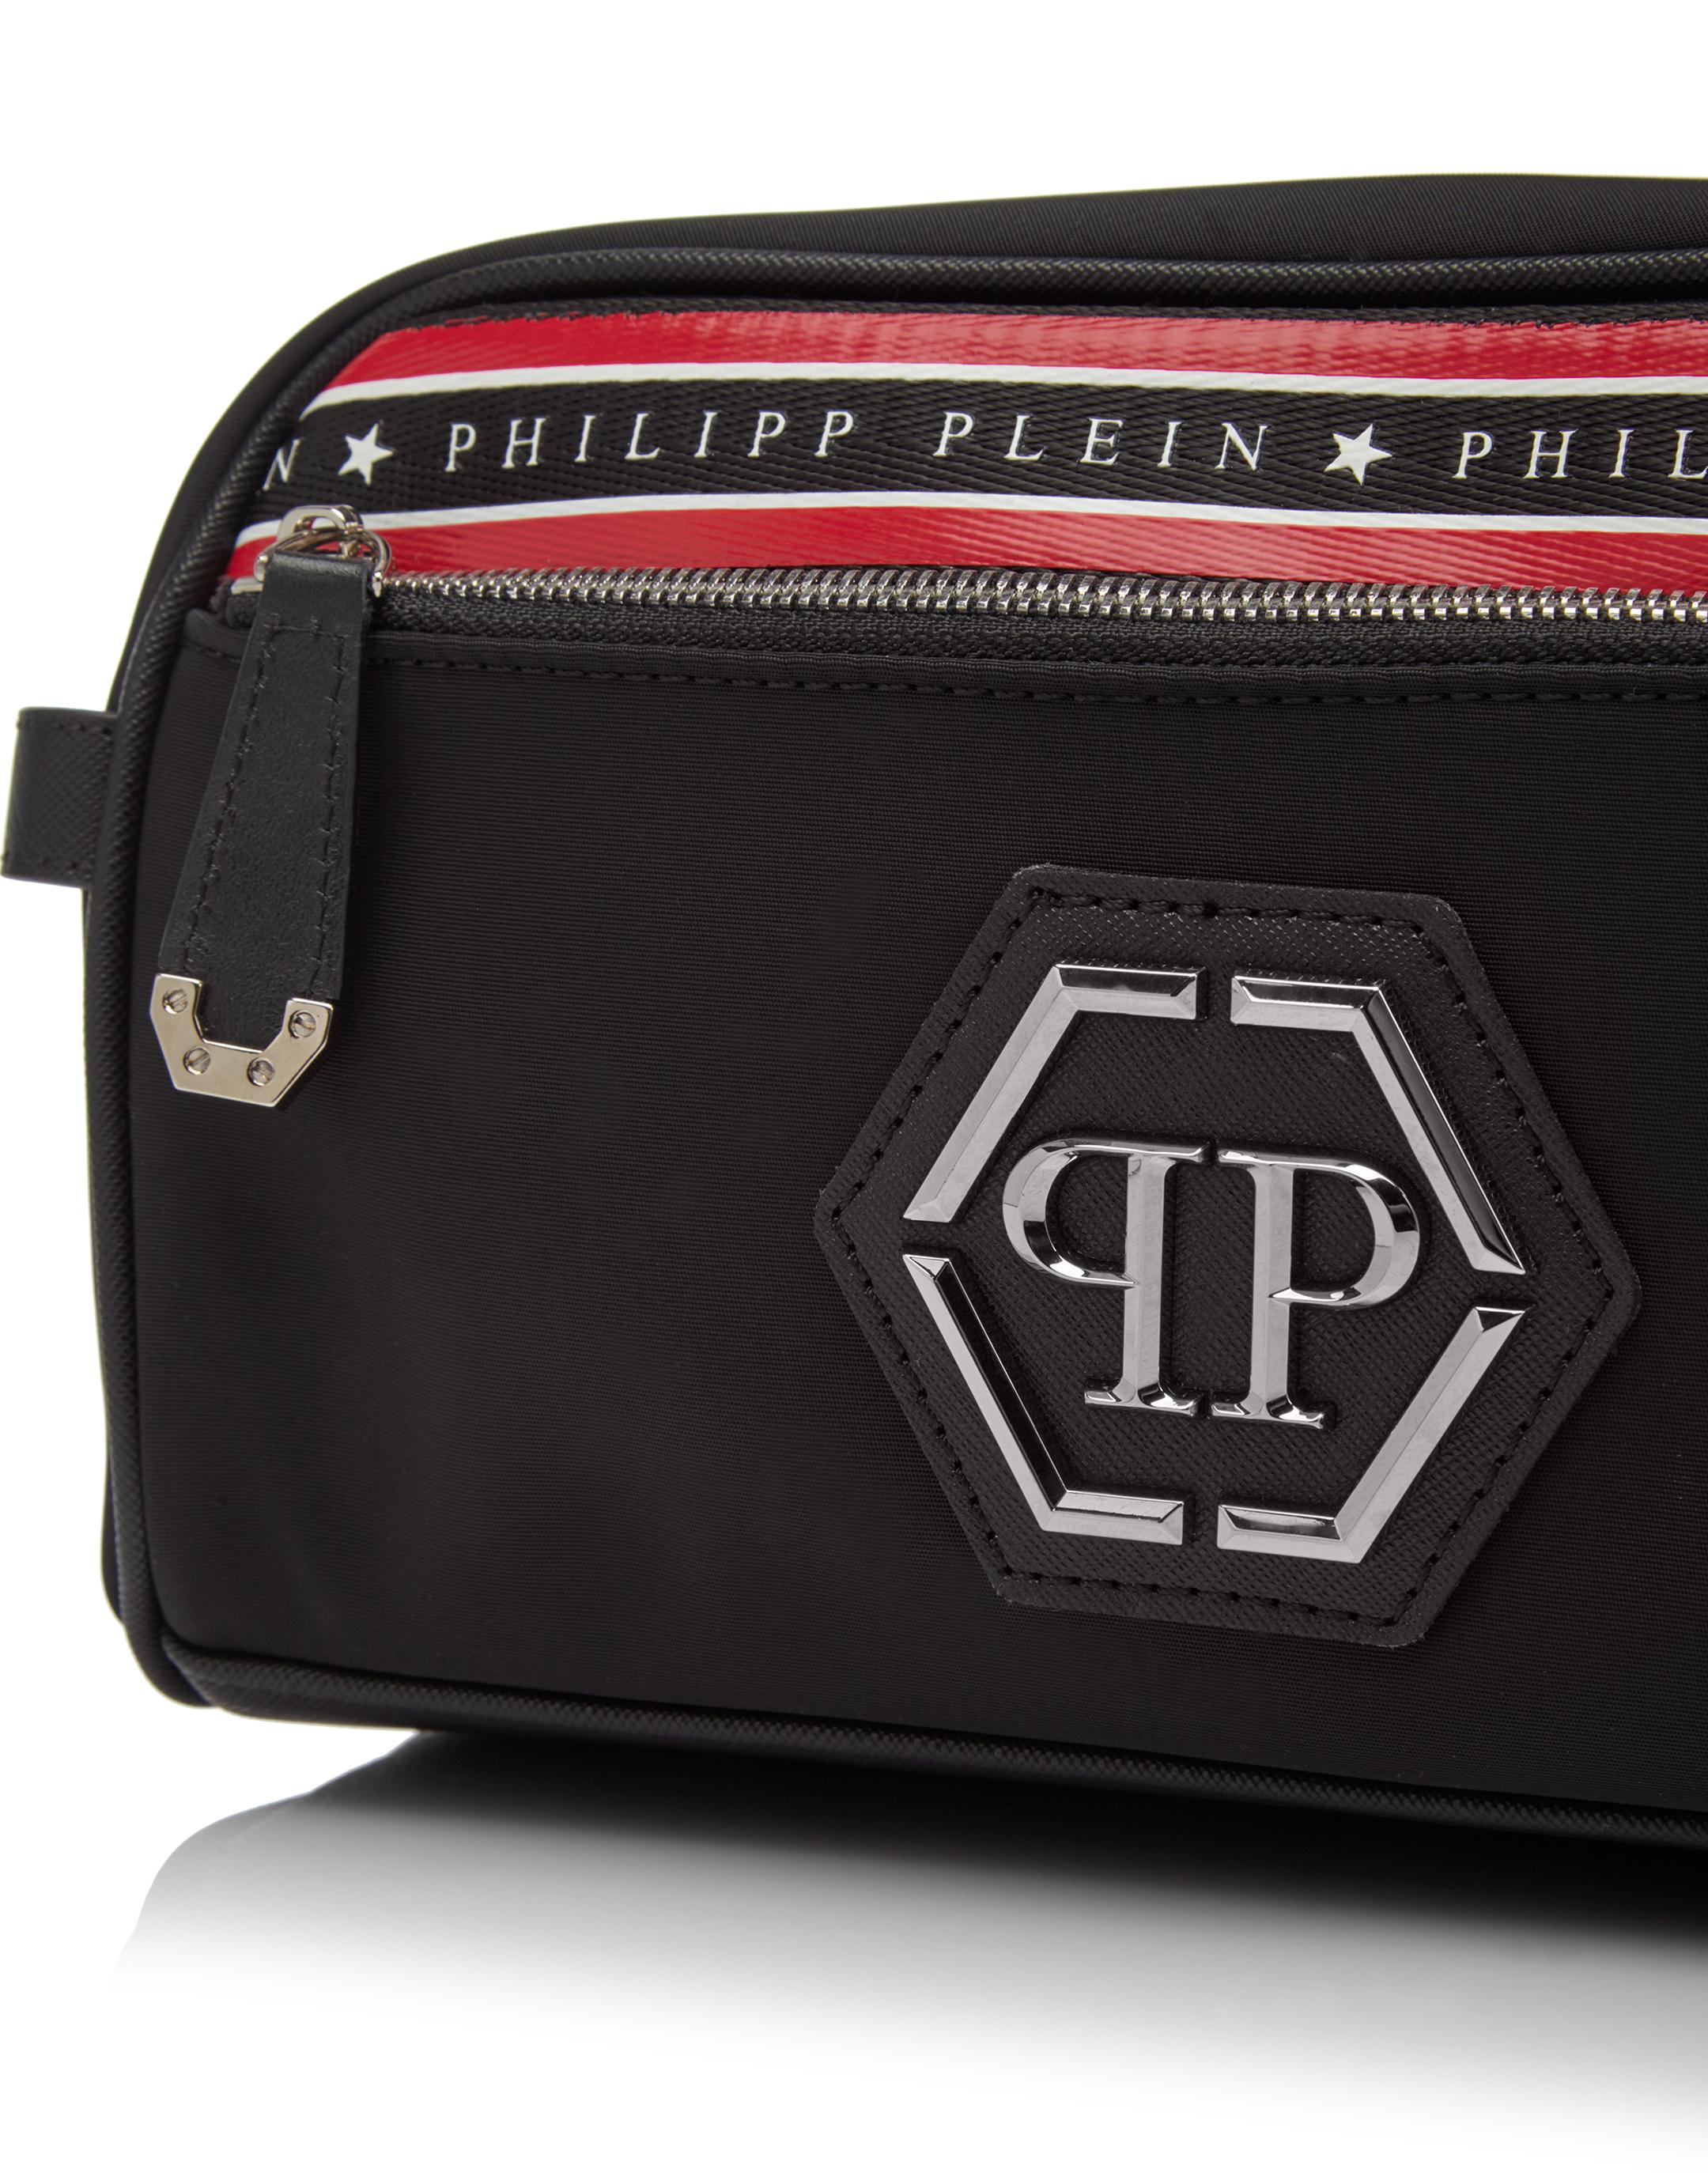 Philipp Plein Beauty case